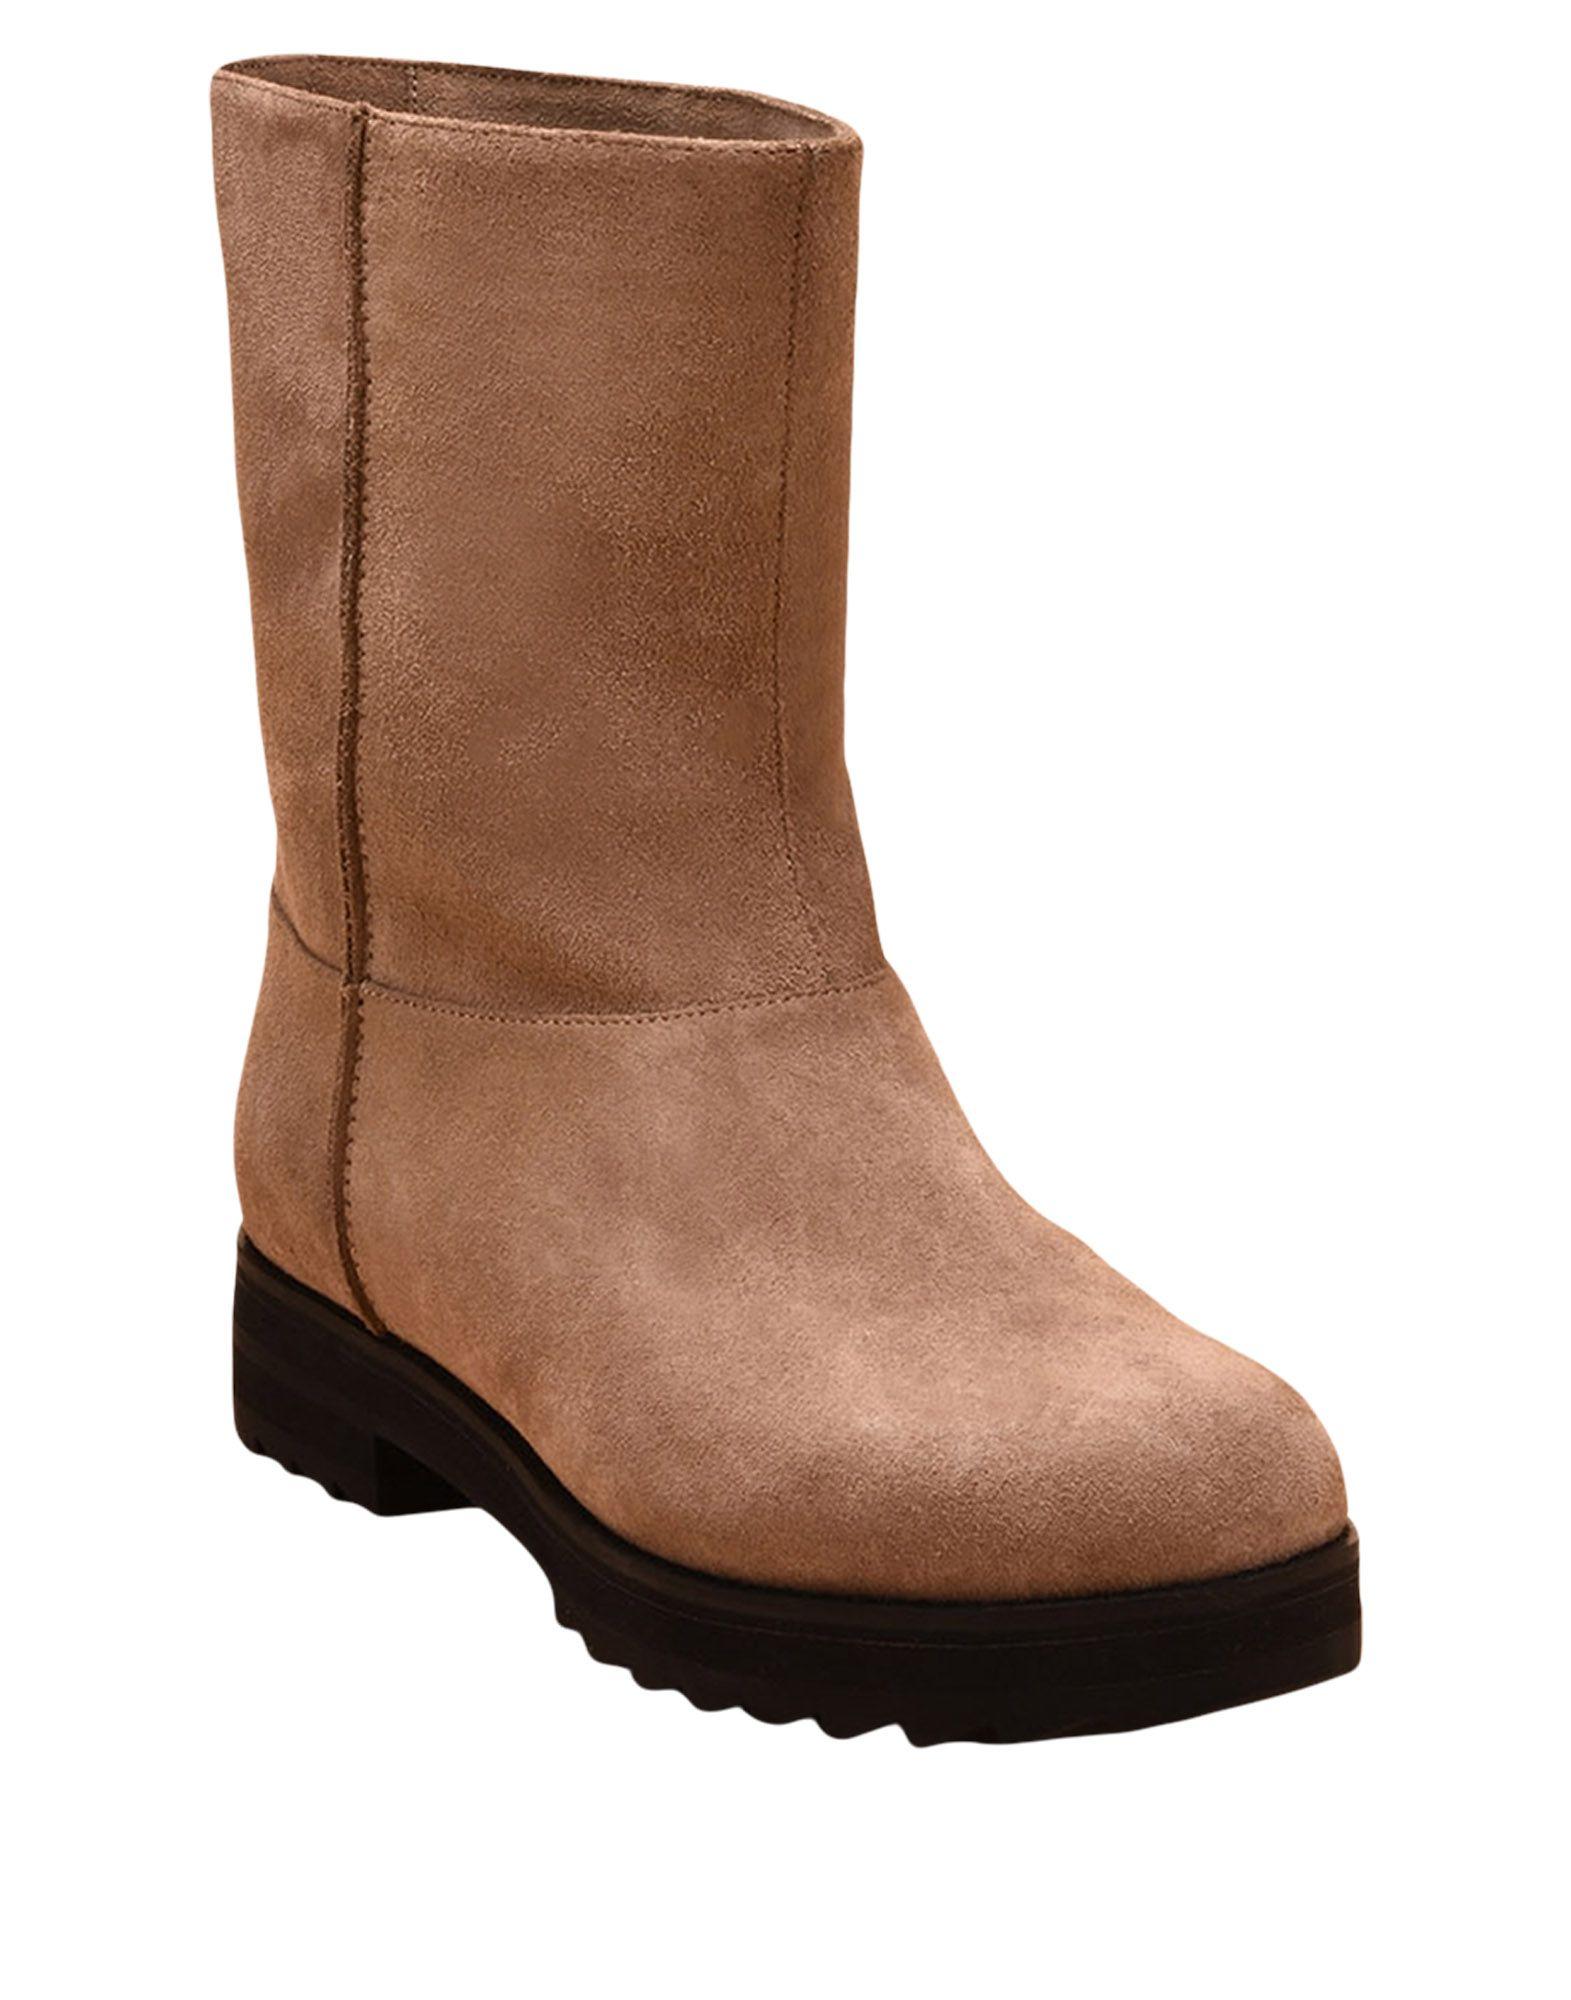 Jil Sander Navy Stiefelette Damen  11518117AO Neue Schuhe Schuhe Schuhe 428670